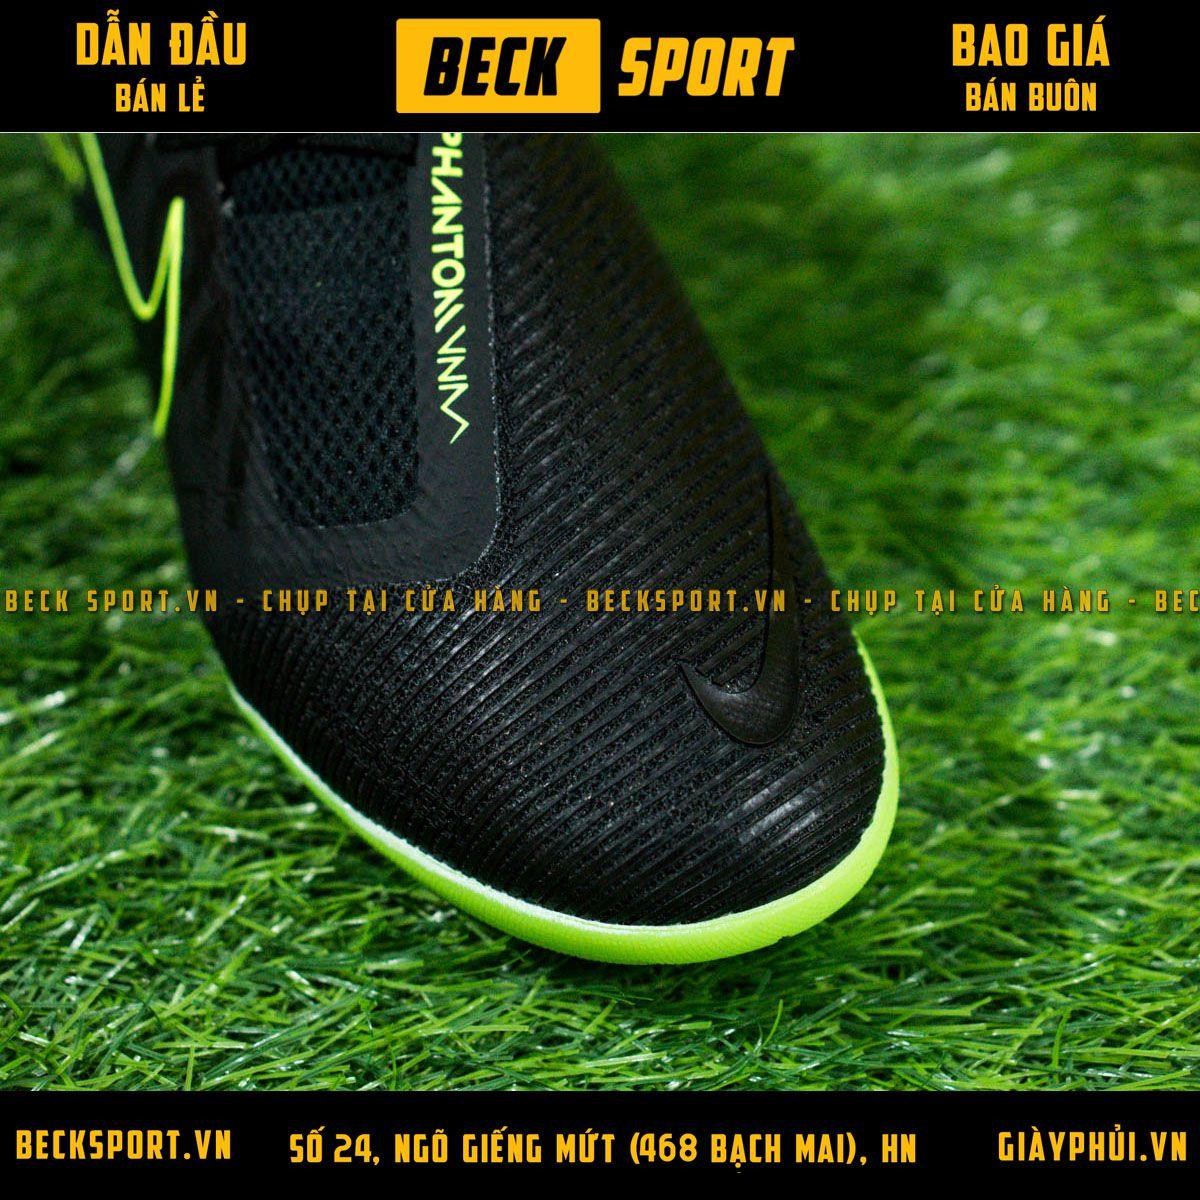 Giày Bóng Đá Nike Zoom Phantom VNM Pro Đen Đế Xanh Lá Giấu Dây IC